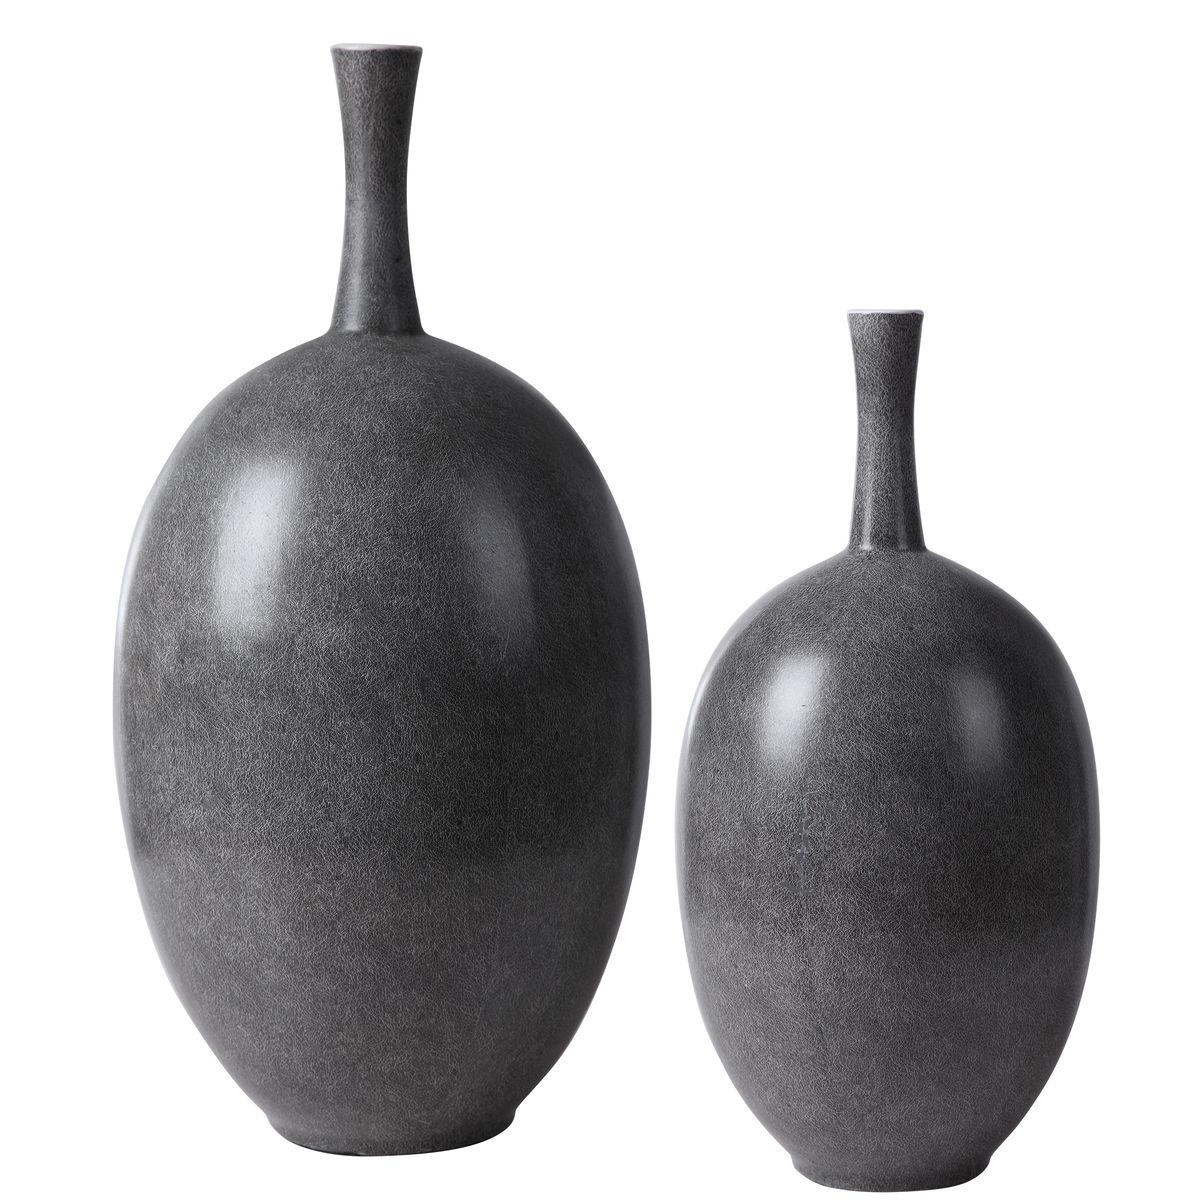 Riordan Modern Vases, S/2